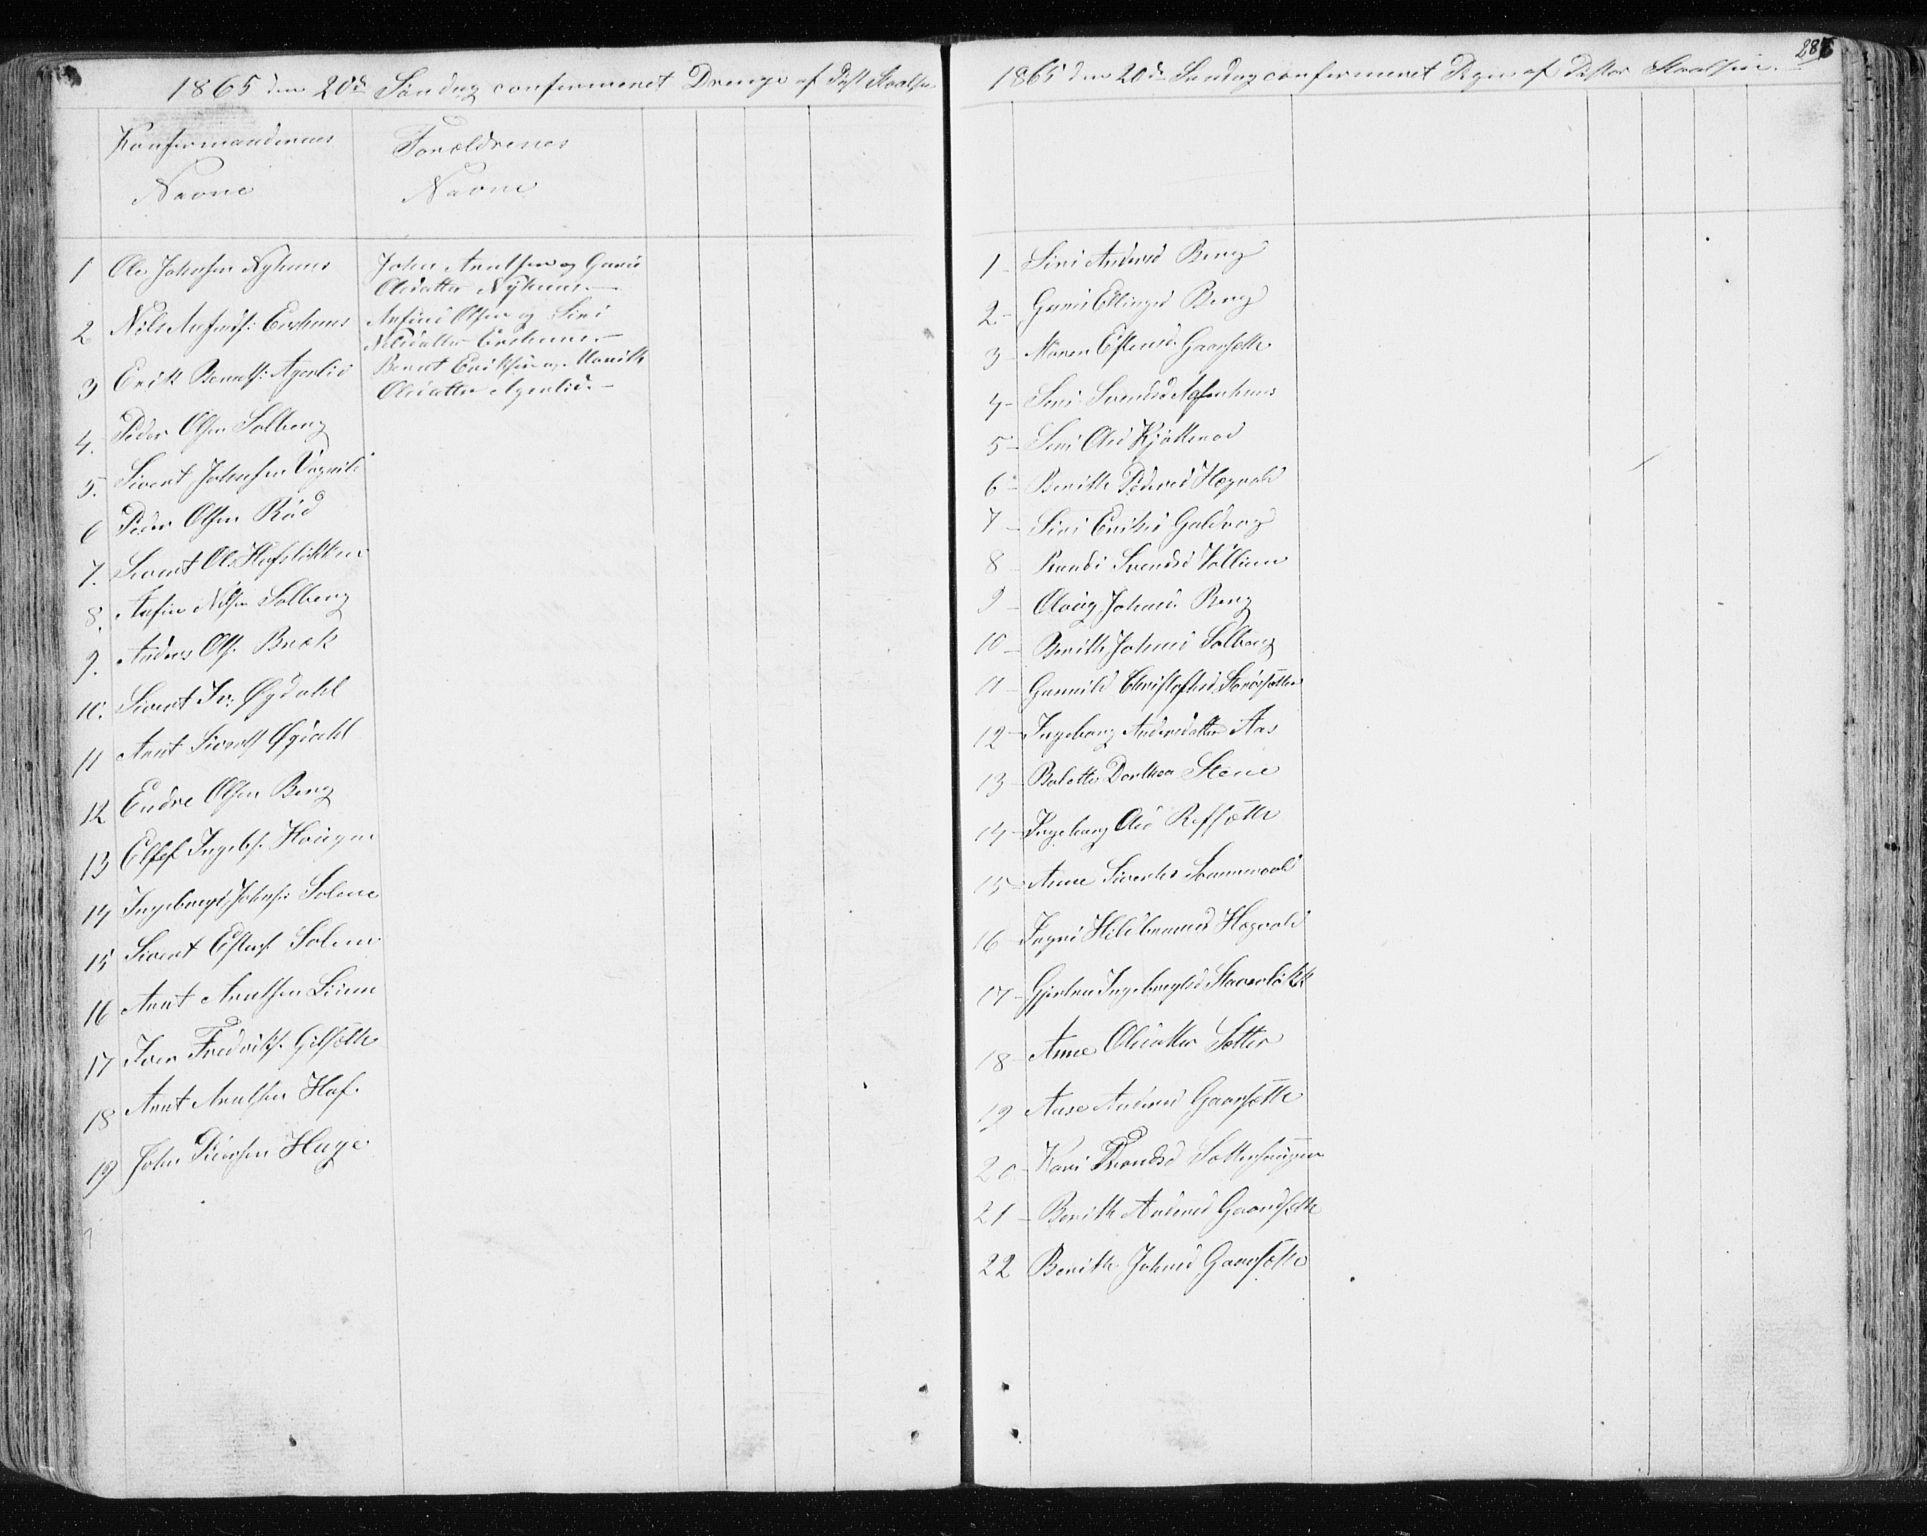 SAT, Ministerialprotokoller, klokkerbøker og fødselsregistre - Sør-Trøndelag, 689/L1043: Klokkerbok nr. 689C02, 1816-1892, s. 286